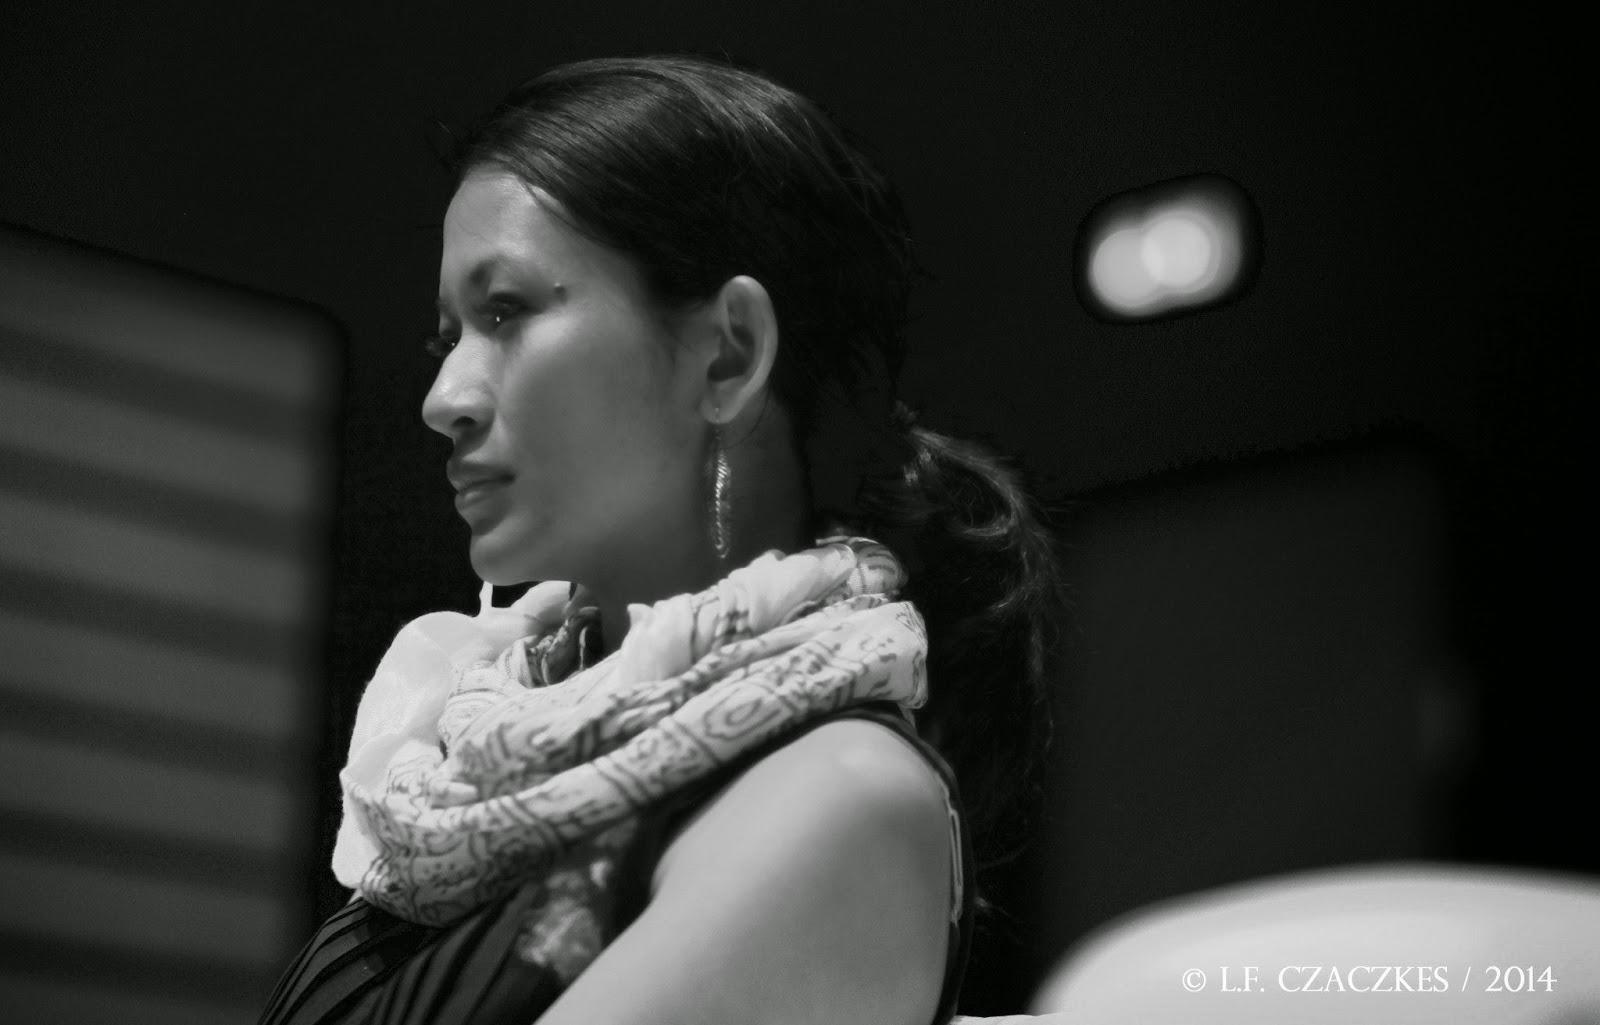 """''...C'est avec un immense plaisir que je vous annonce mes débuts dans la musique au sein du collectif Teuk Dey, initié par Amara Chhin, Olivier Bostvironnois et moi-même. Nous espérons ainsi partager nos univers musicaux, avec des influences puisées entre la France, les Etats-Unis et le Cambodge. En attendant notre EP prévu pour la rentrée, je vous invite à découvrir notre premier titre """"Here-There (ici, là-bas)"""". Vous pouvez dès à présent visionner le clip en cliquant sur ce lien ou sur l'image ci-dessous...''"""